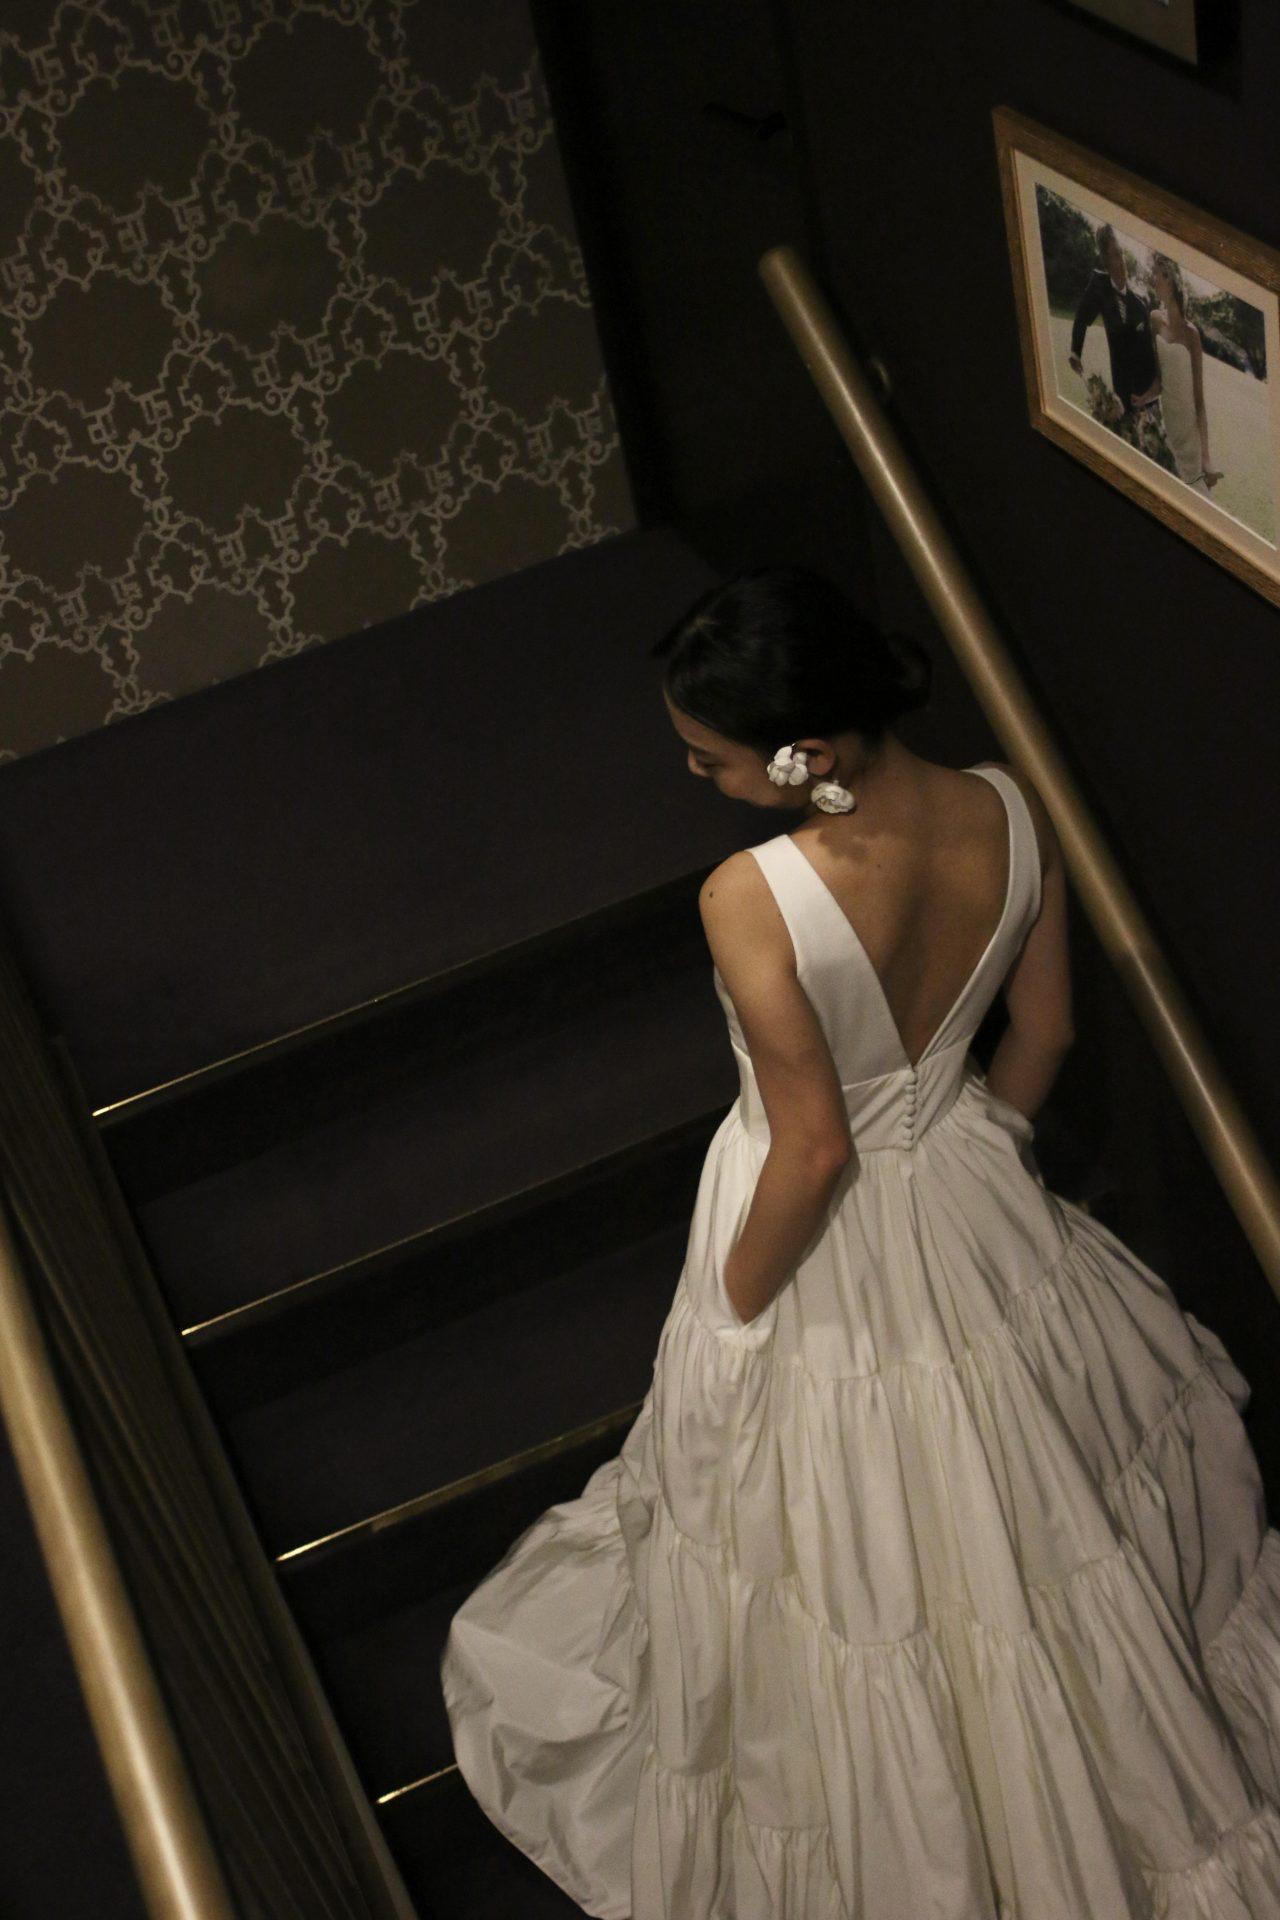 バックスタイルが映えるウェディングドレスでフォトウェディングをお過ごし頂いてみてはいかがでしょうか